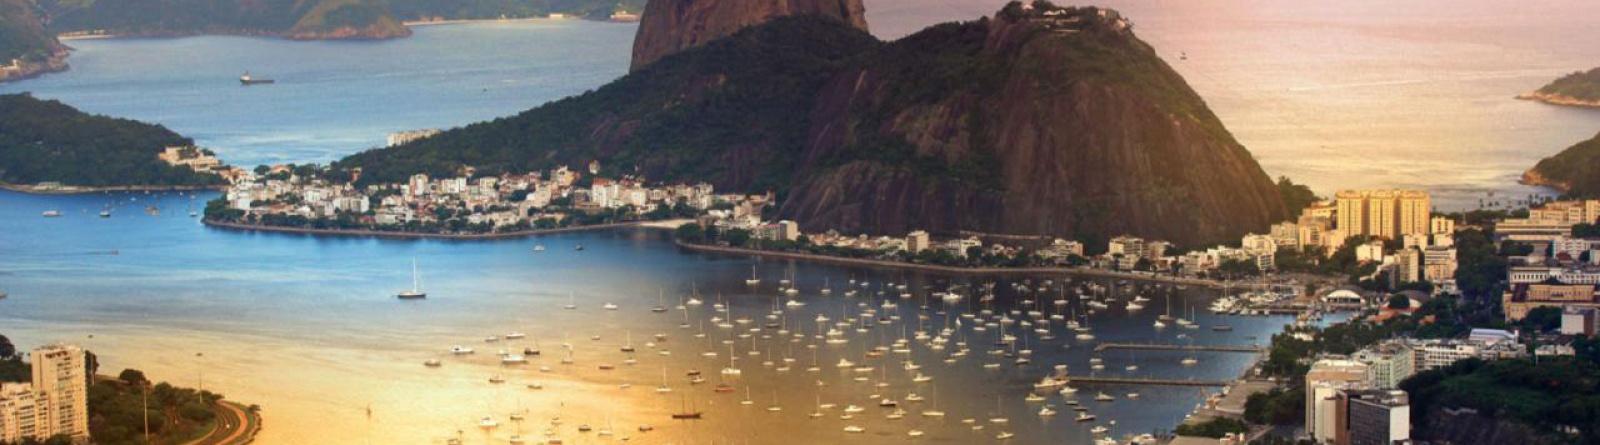 Brazil--travel-guide